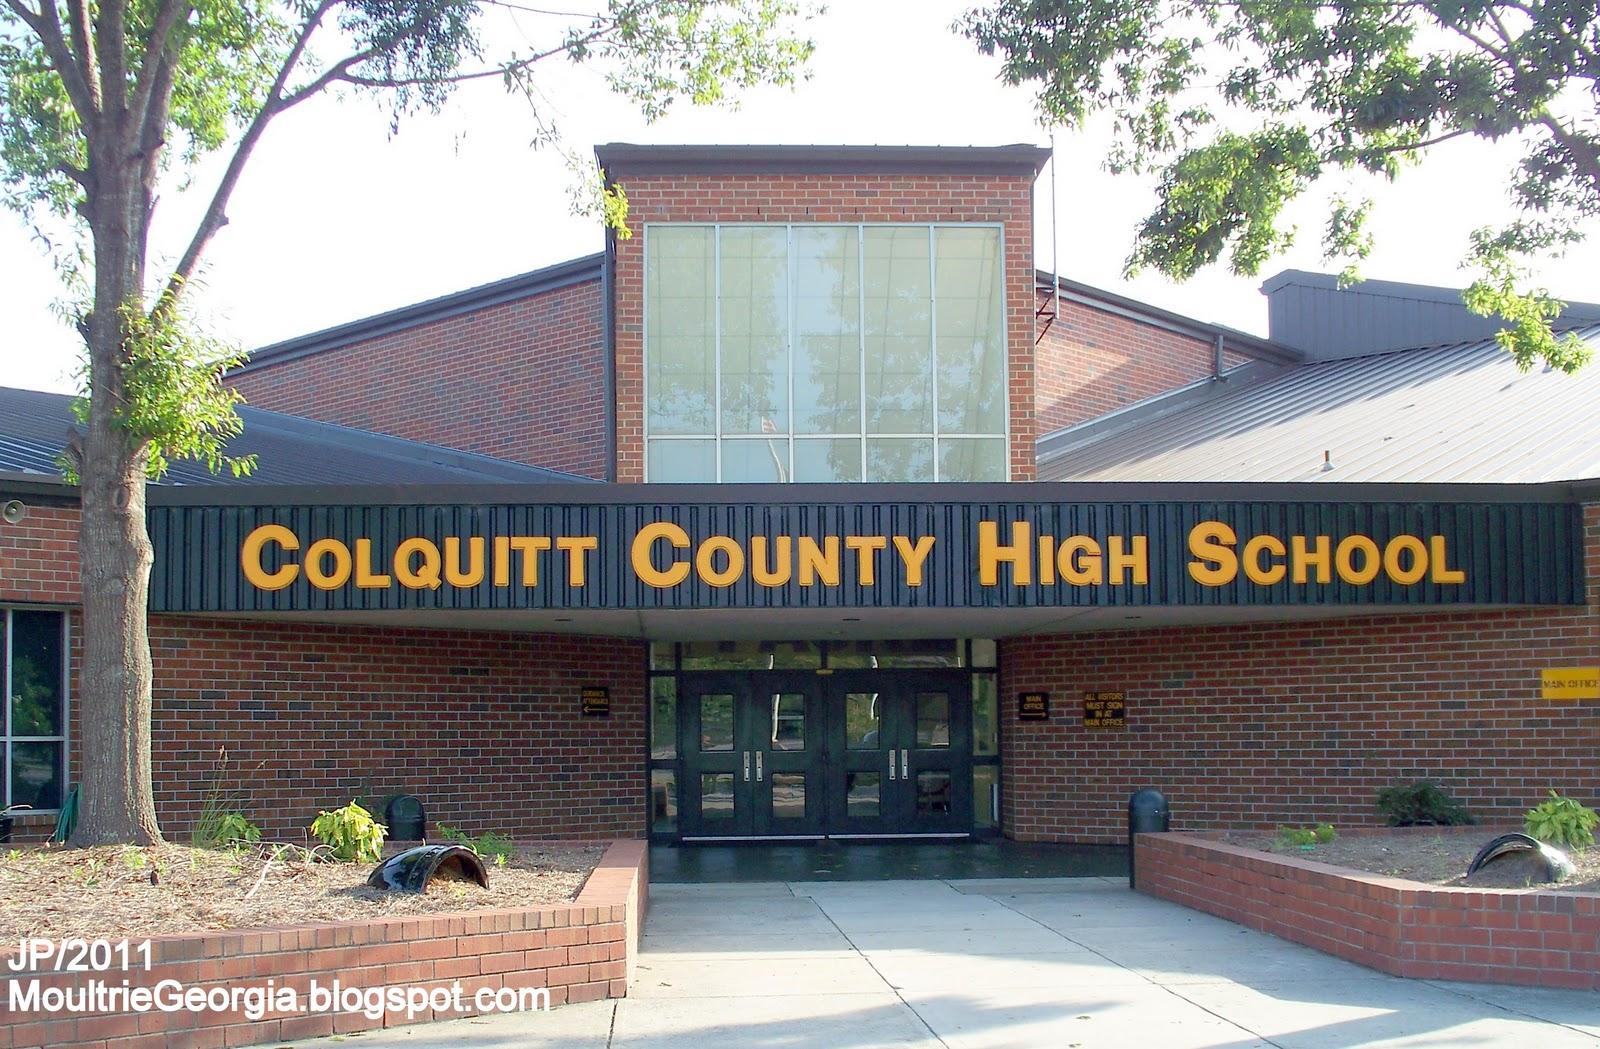 Schools in Colquitt County